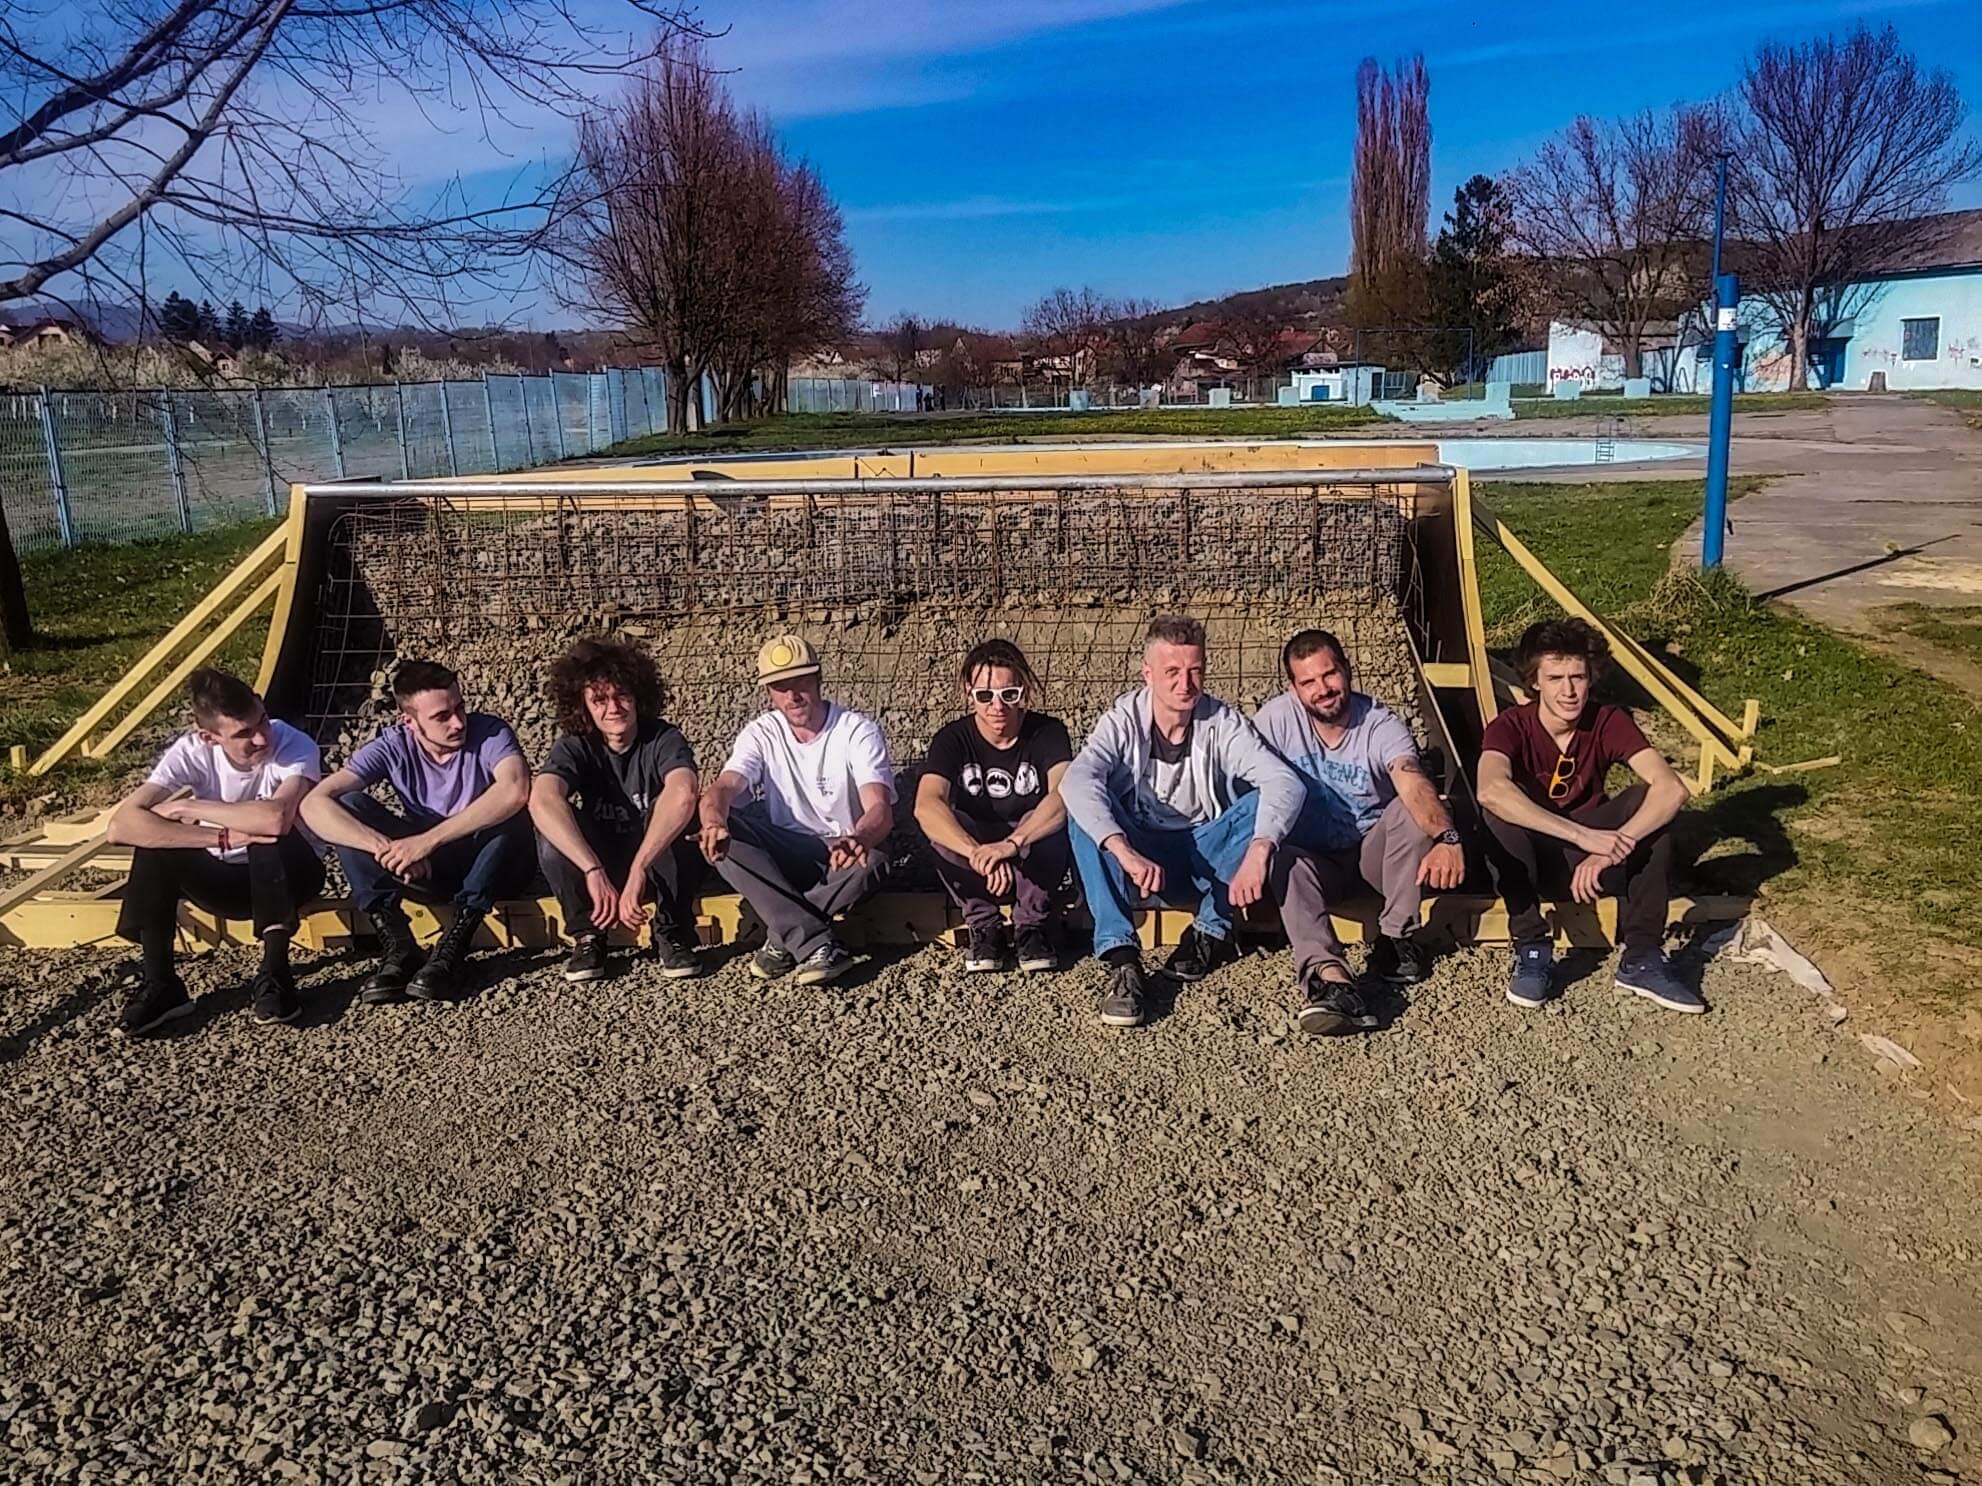 Skate park Nova Gradiška izgradnja 1